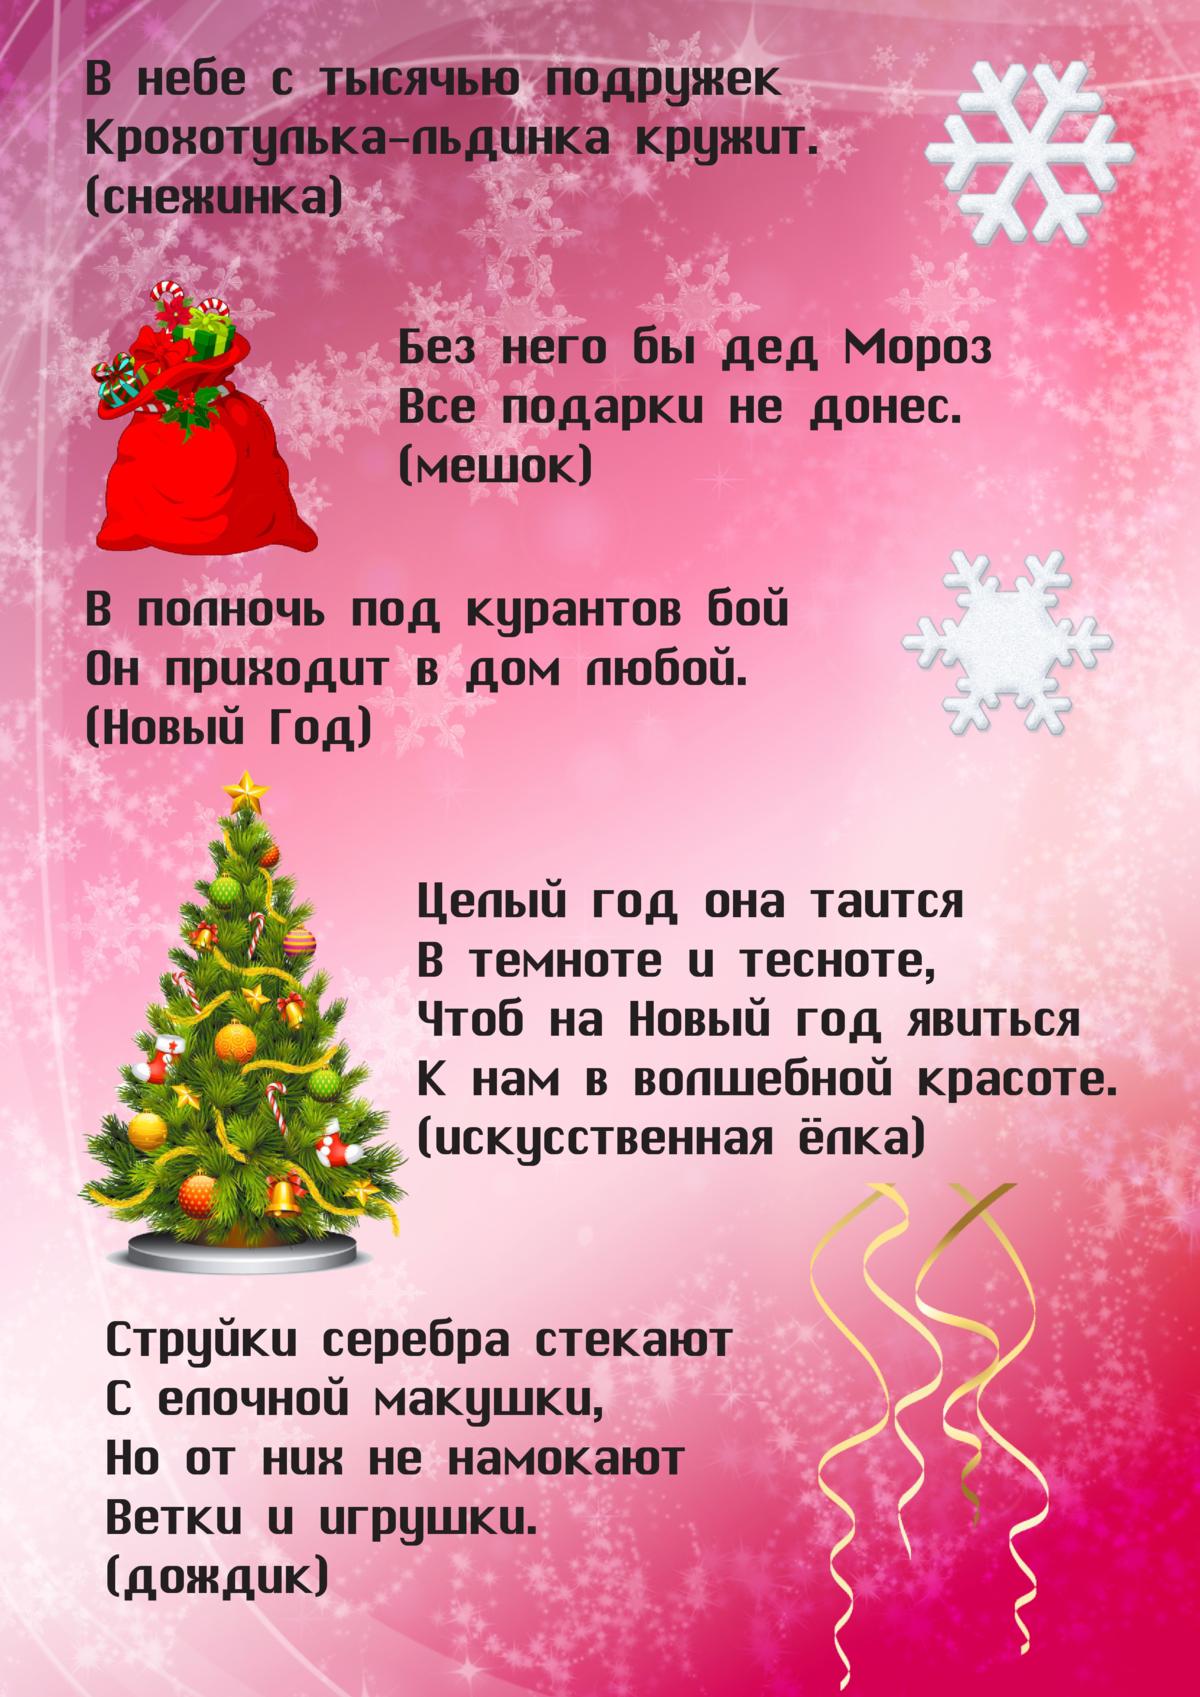 Стихи к маленьким подаркам на новый год